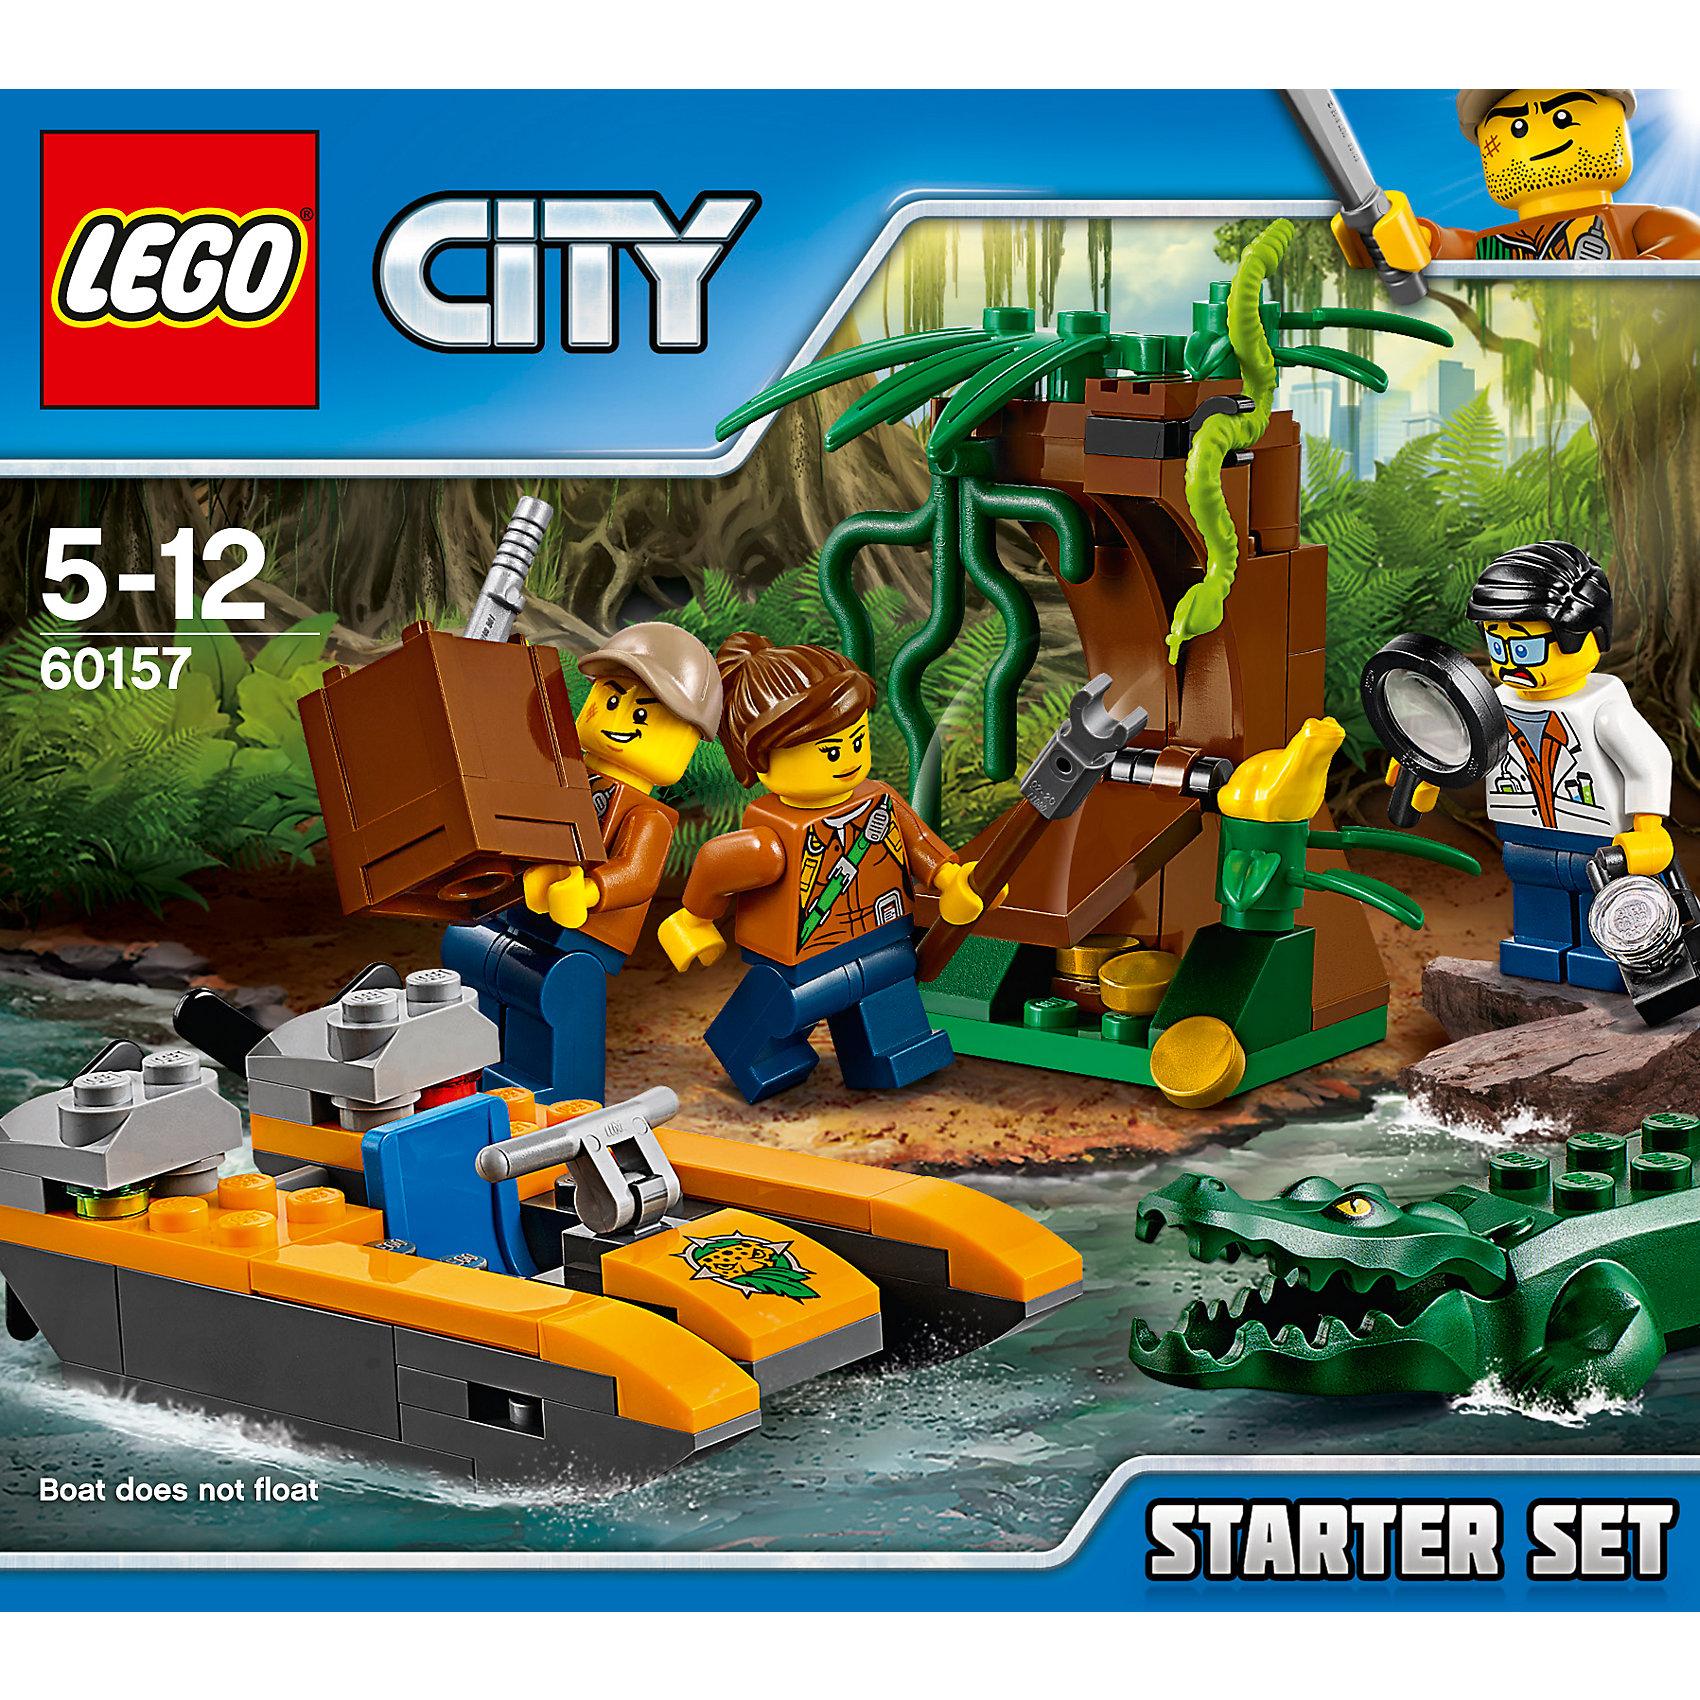 LEGO City 60157: Набор «Джунгли» для начинающихПластмассовые конструкторы<br><br><br>Ширина мм: 159<br>Глубина мм: 142<br>Высота мм: 63<br>Вес г: 142<br>Возраст от месяцев: 60<br>Возраст до месяцев: 144<br>Пол: Мужской<br>Возраст: Детский<br>SKU: 5620027